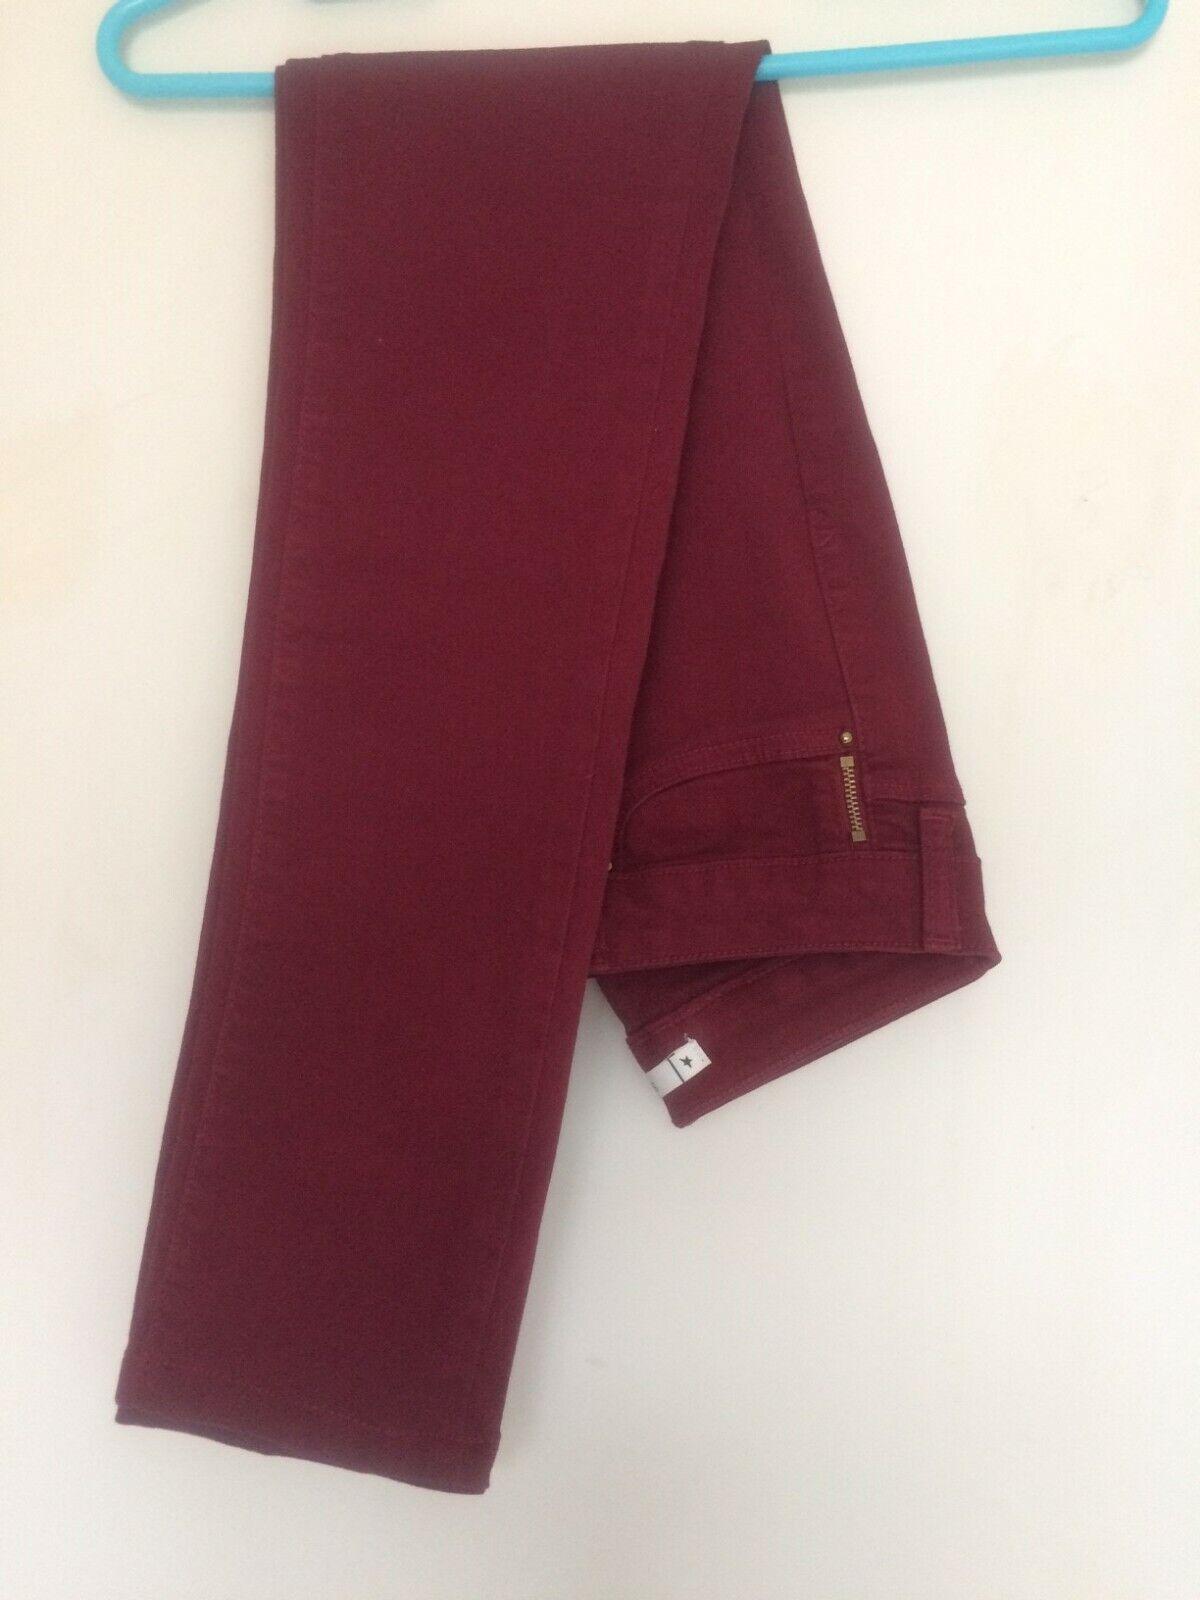 Jean skinny - couleur bordeaux - marque